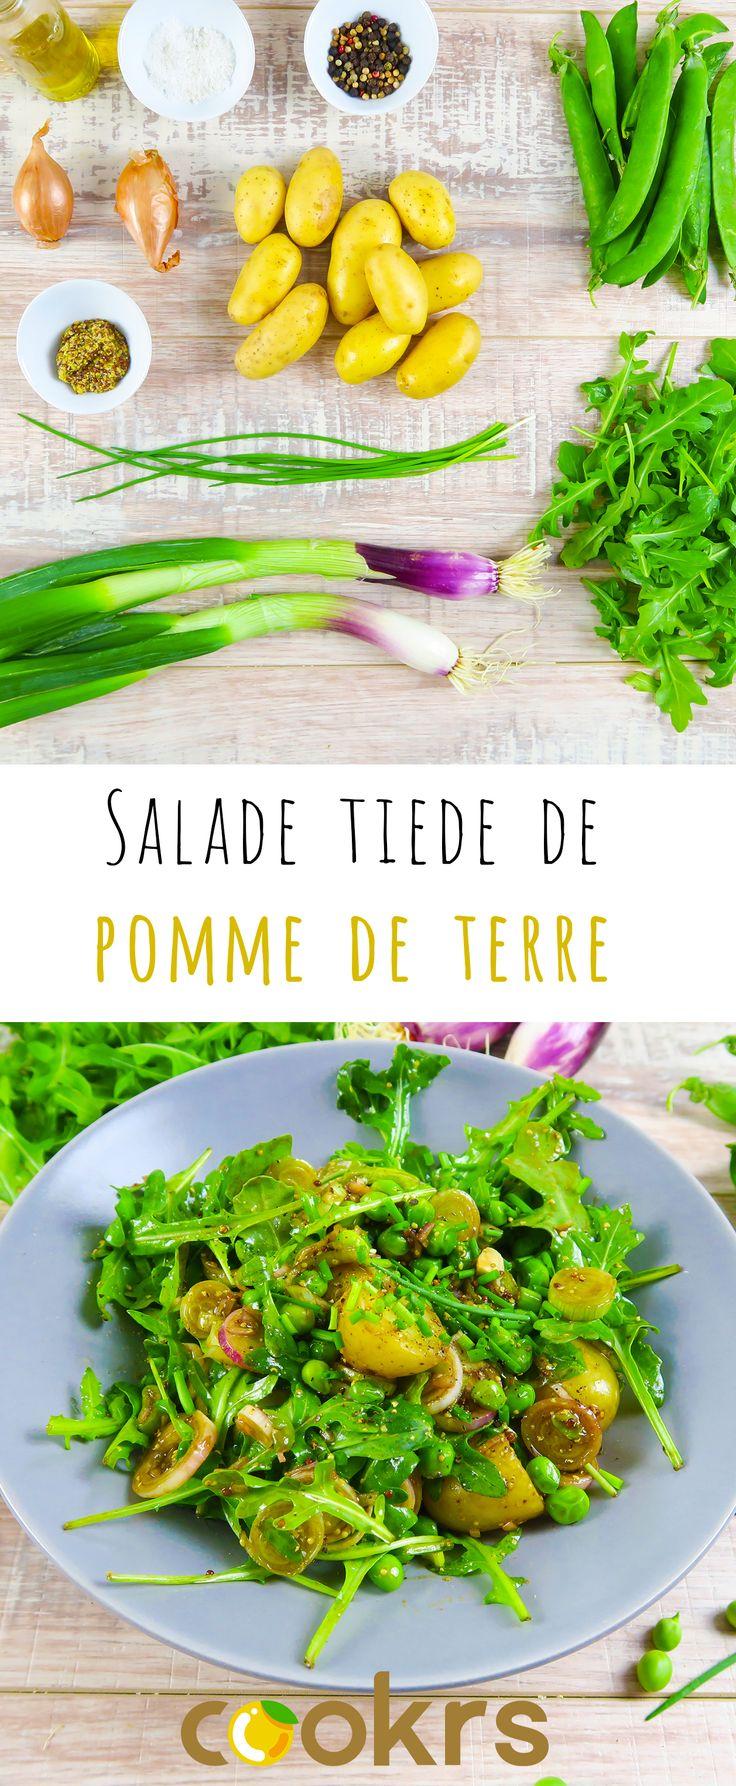 Salade de pomme de terre et petit pois frais, recette estivale (20min de préparation)